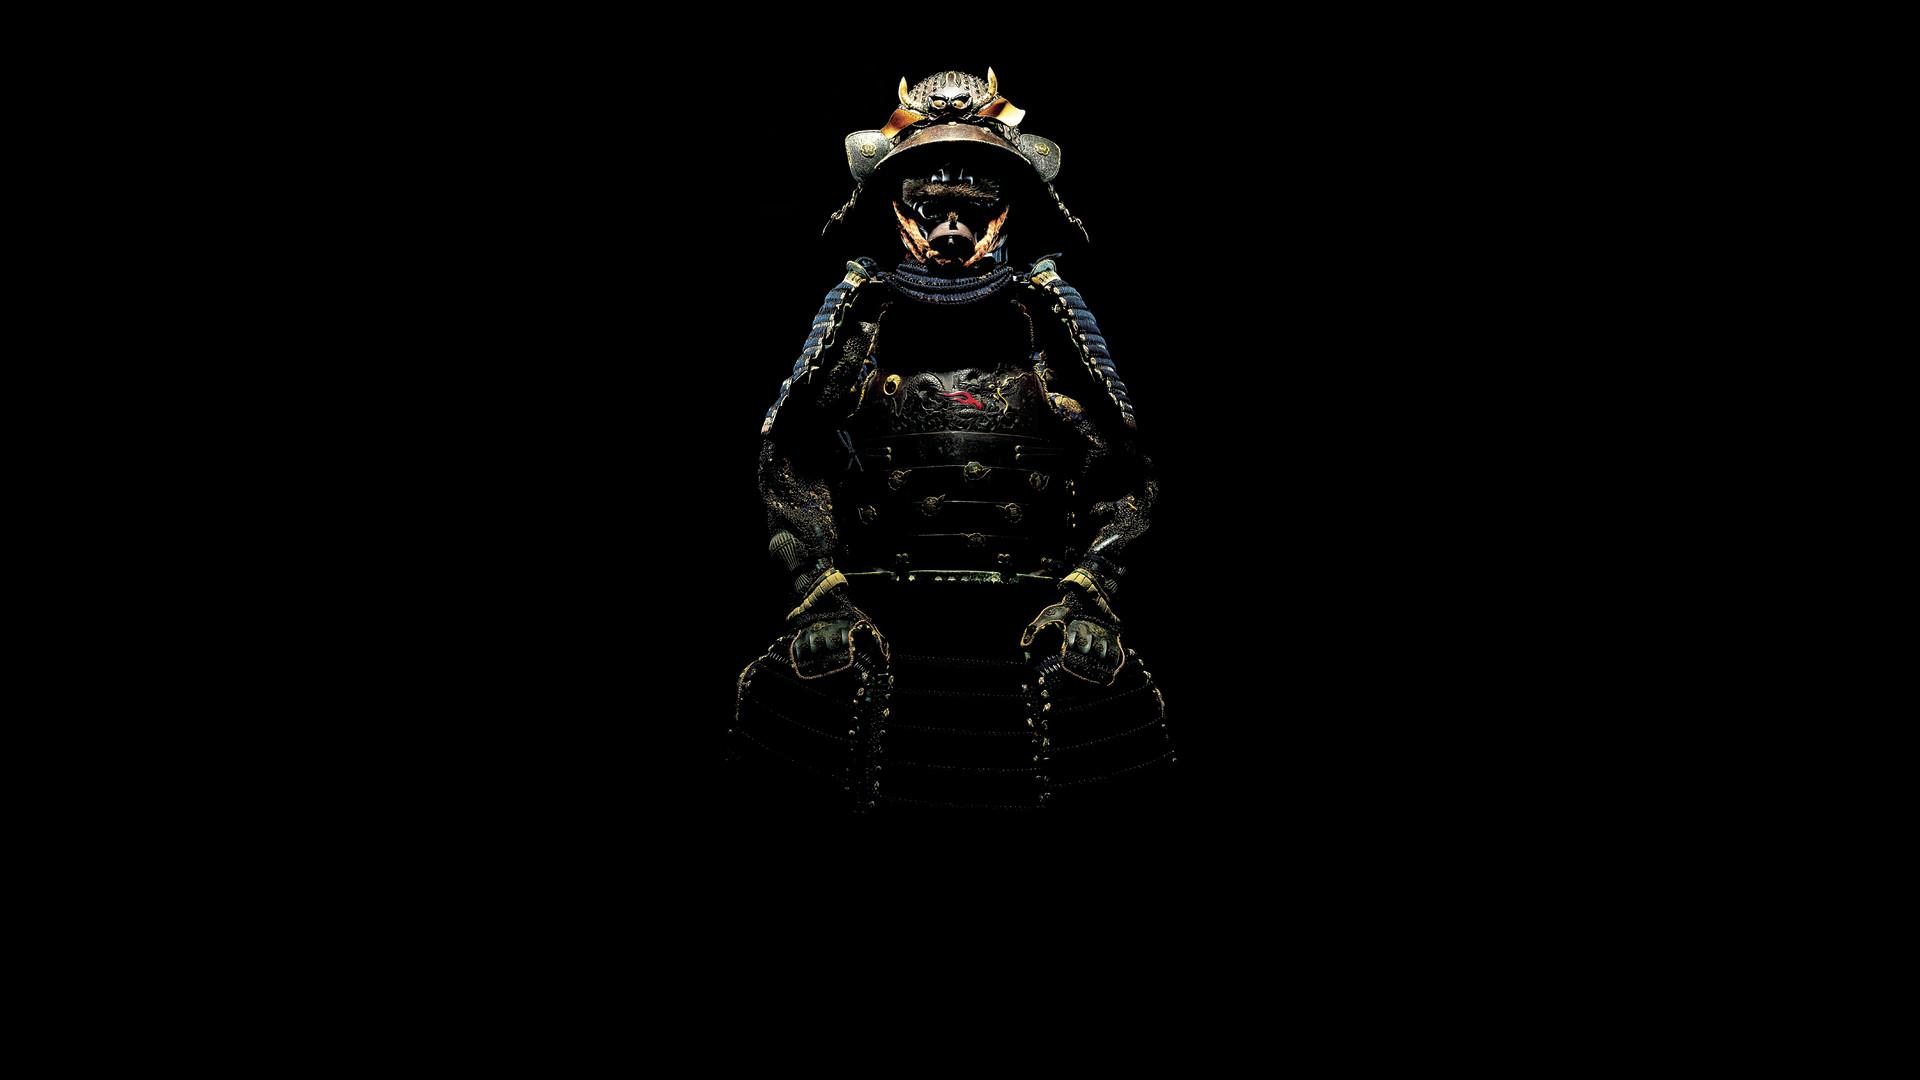 Samurai Wallpapers – Wallpaper Cave